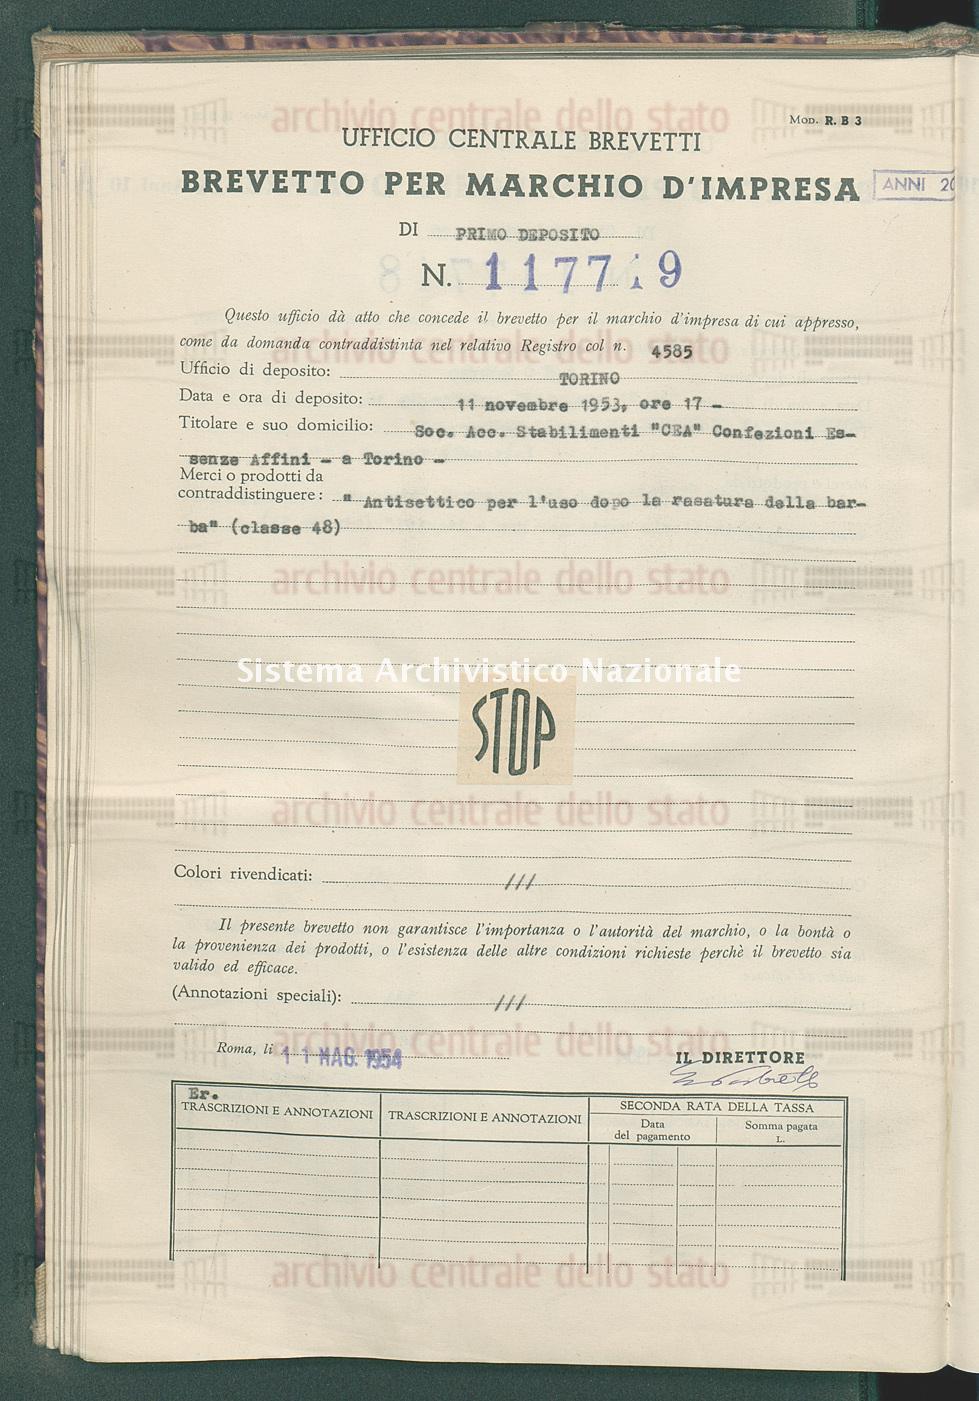 'Antisettico per l'uso dopo la rasatura della barba' Soc.Acc. Stabilimenti 'Cea' Confezioni Essenze Affini (11/05/1954)